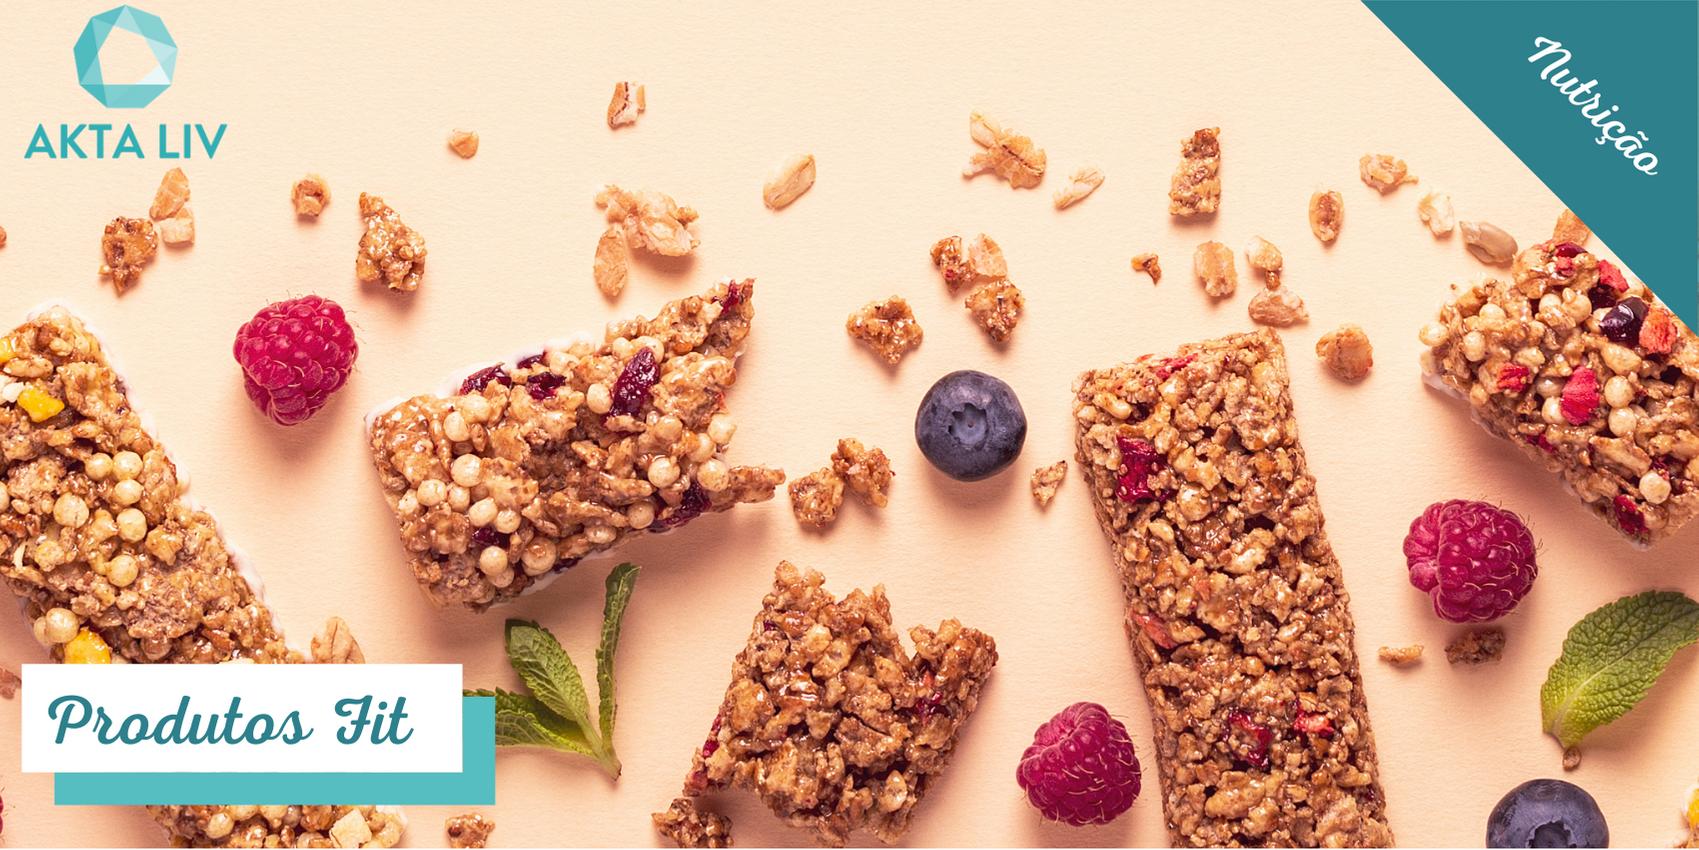 Blog sobre produtos fit com Diversas Barras de cereal espalhadas em superfície